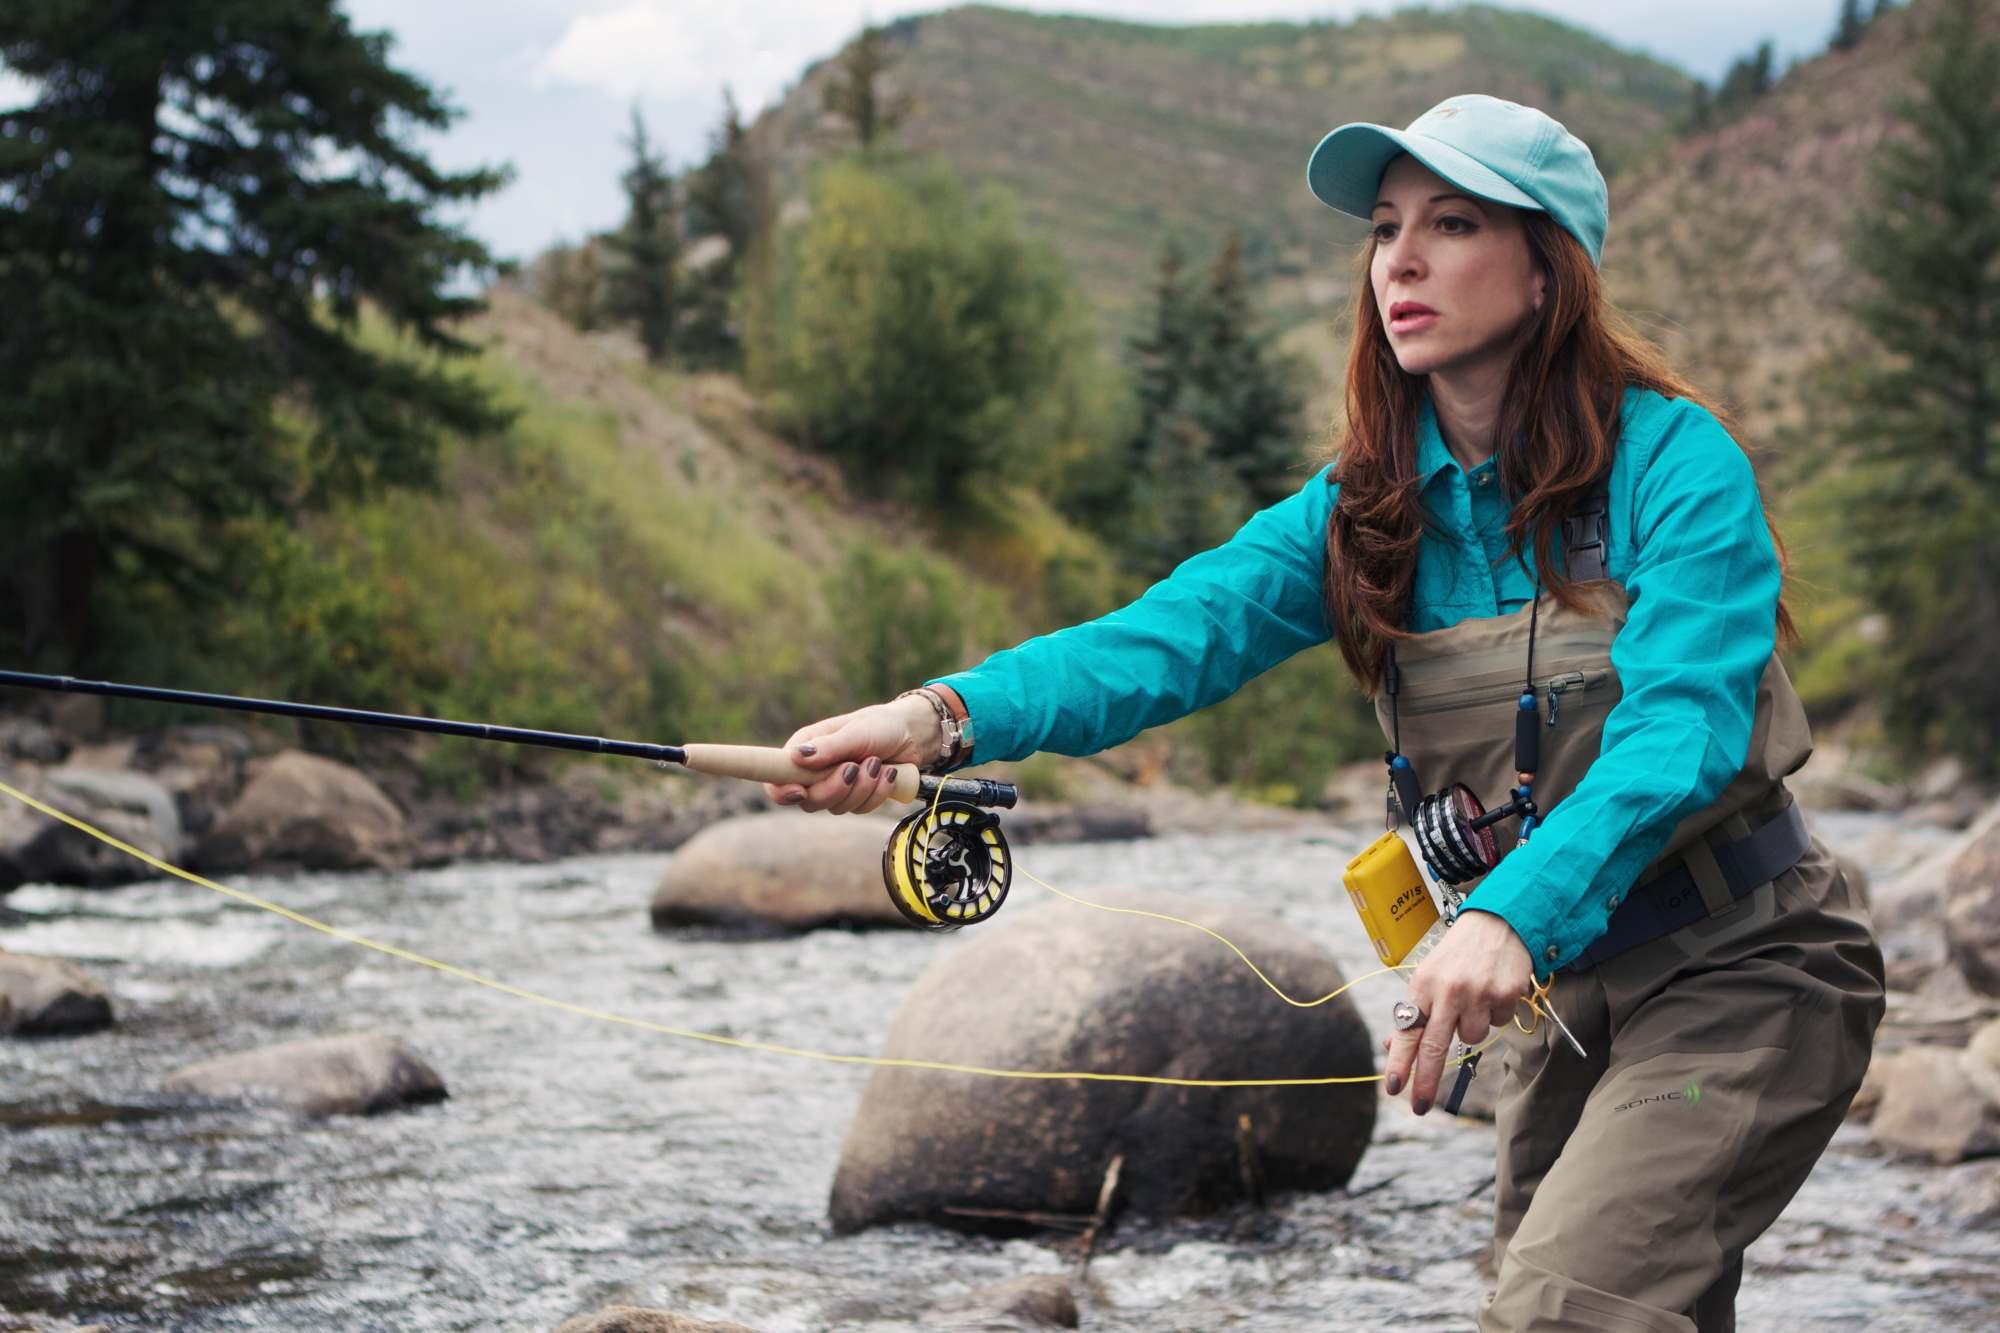 Marla Meridith Fly Fishing for Women Orvis Gear